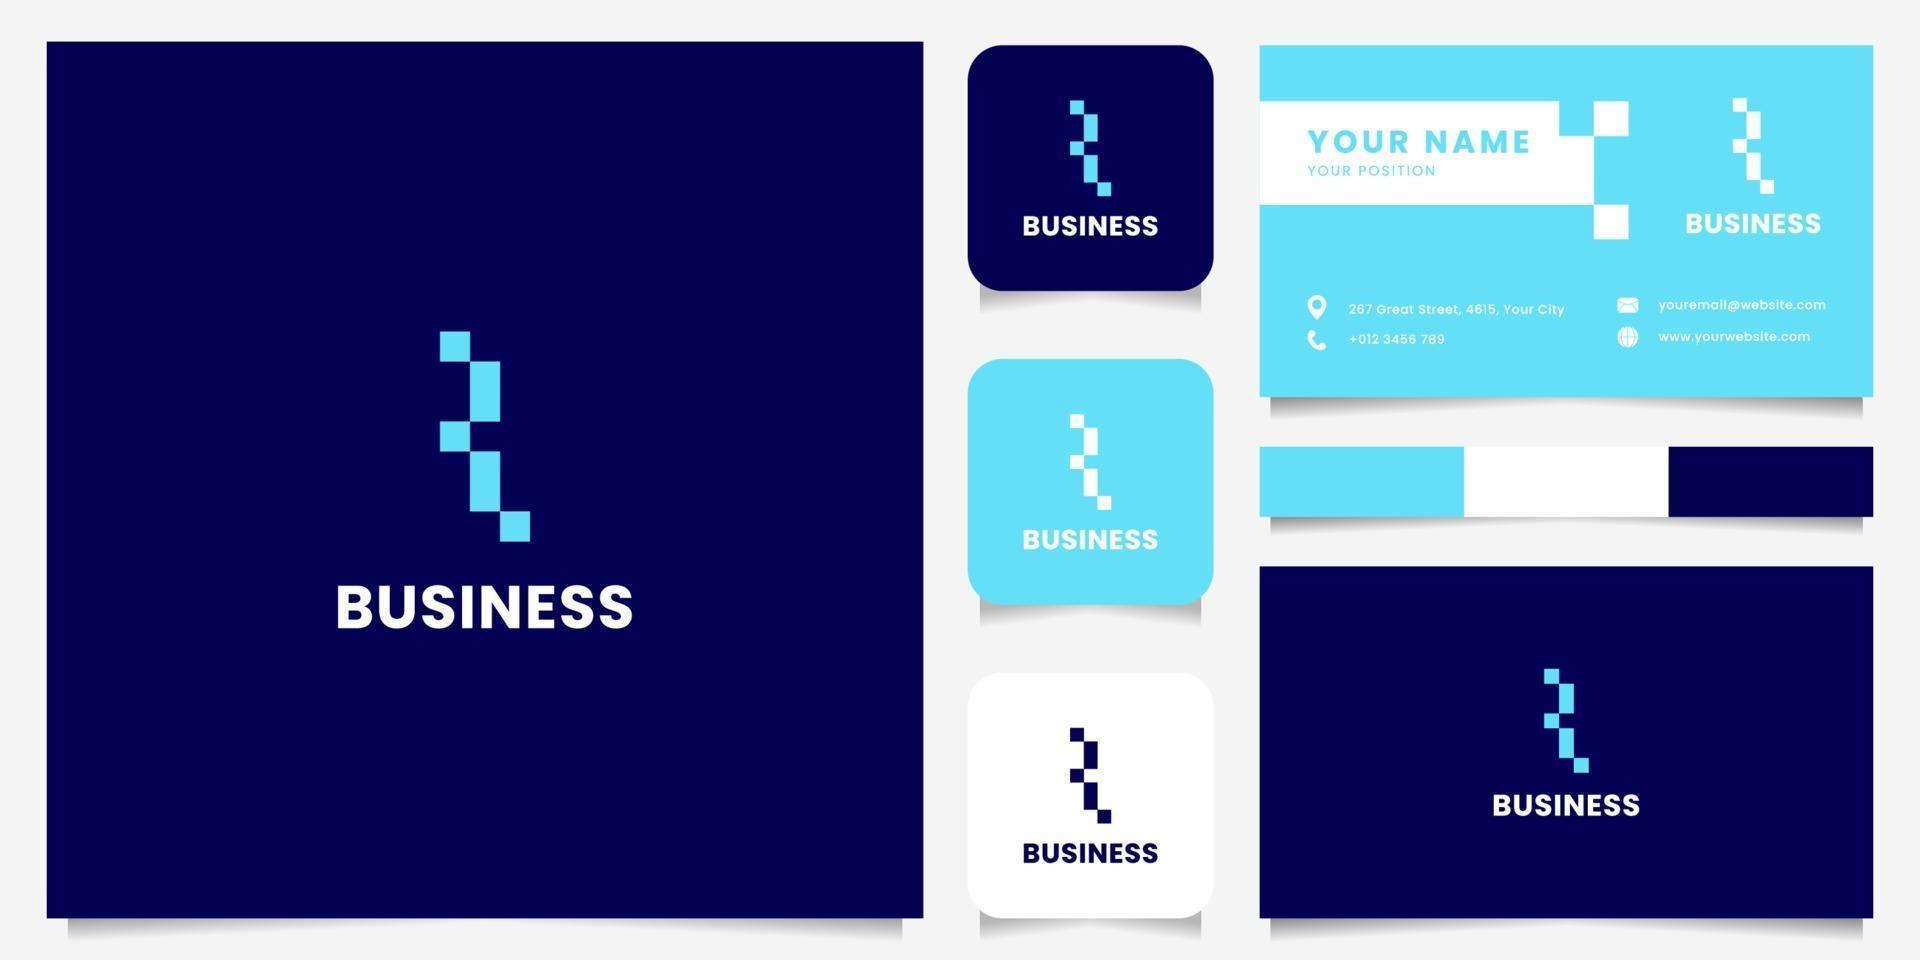 enkel och minimalistisk blå pixel brev logotyp med visitkortsmall vektor